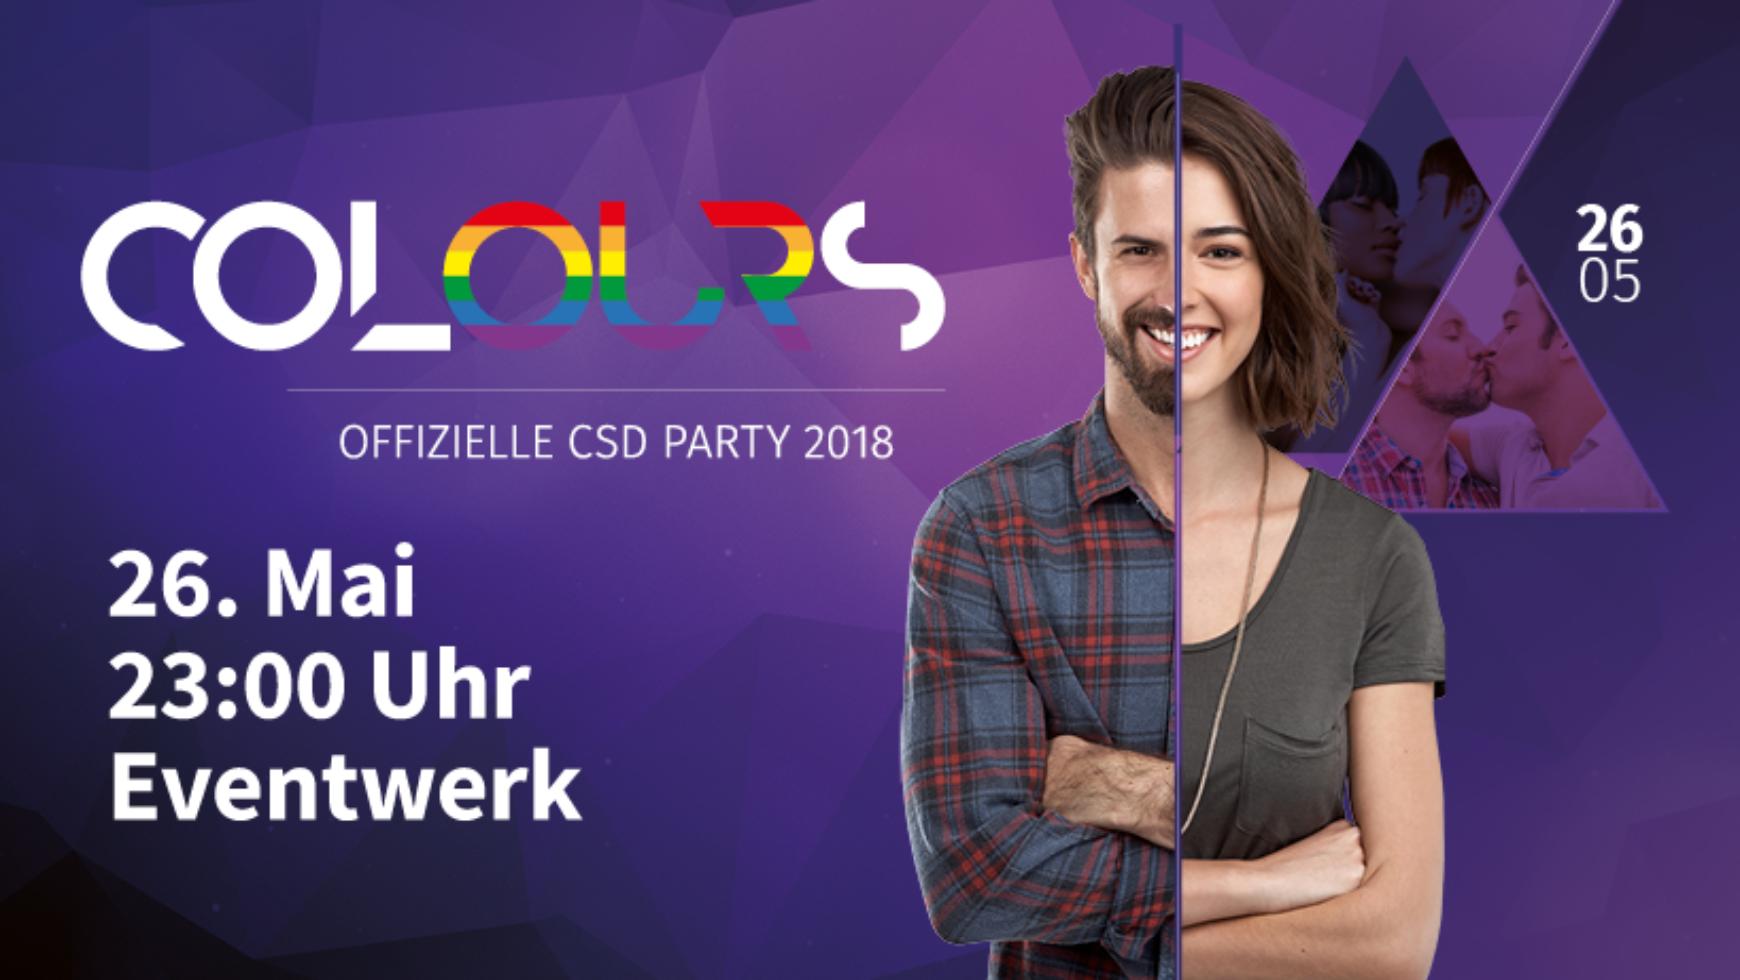 Colours – Offizielle CSD Party